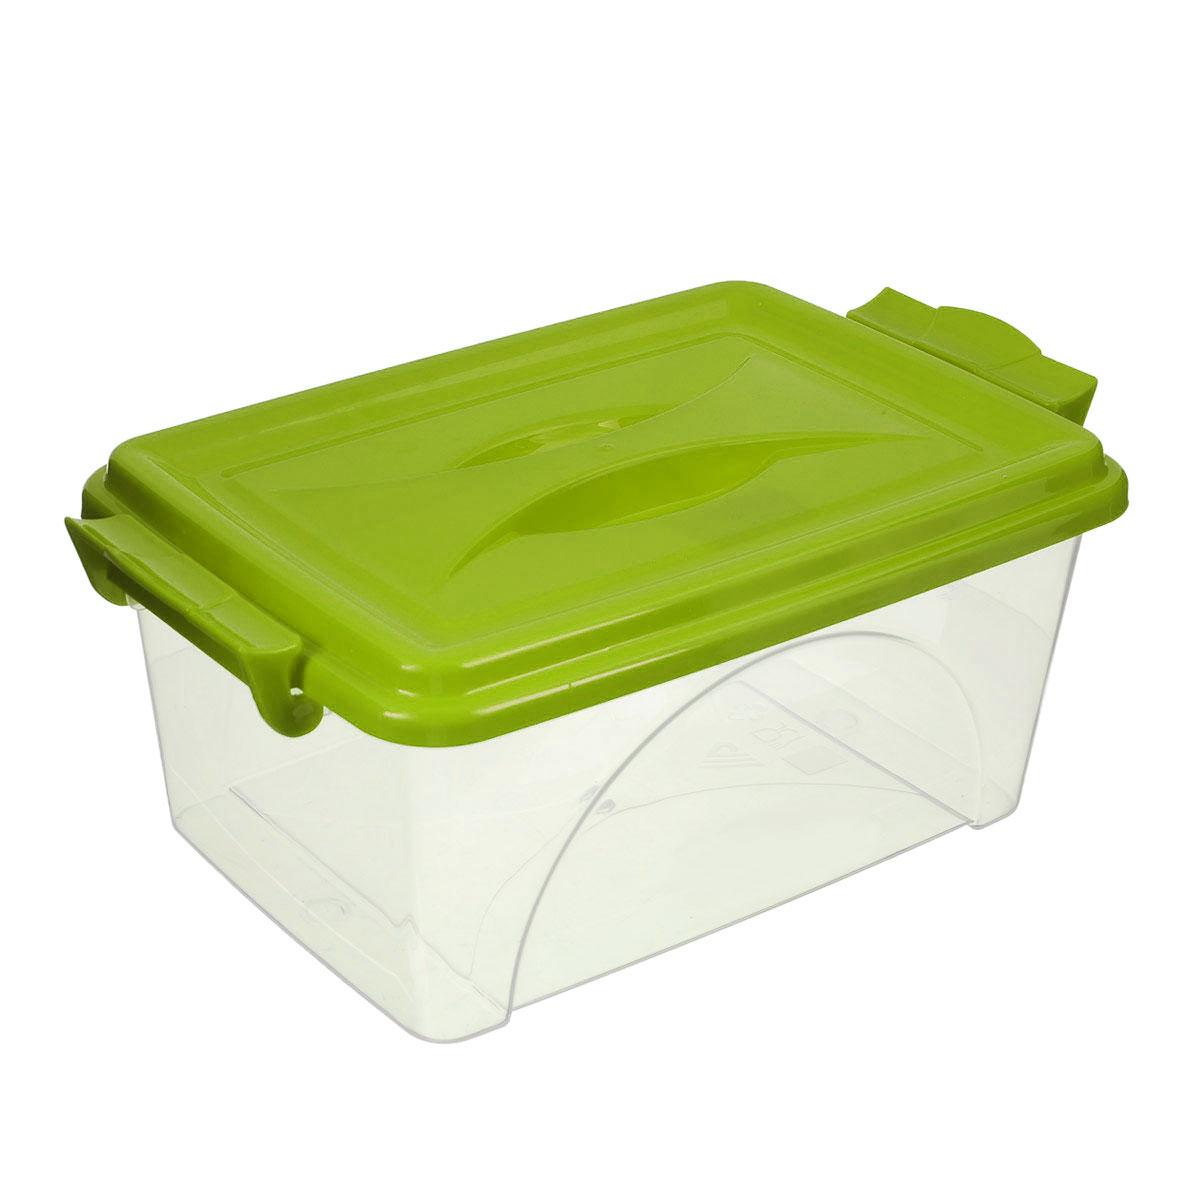 Контейнер Альтернатива, цвет: прозрачный, салатовый, 2,5 лМ421_салатовыйКонтейнер Альтернатива выполнен из прочного пластика. Он предназначен для хранения различных мелких вещей. Крышка легко открывается и плотно закрывается. Прозрачные стенки позволяют видеть содержимое. По бокам предусмотрены две удобные ручки, с помощью которых контейнер закрывается. Контейнер поможет хранить все в одном месте, а также защитить вещи от пыли, грязи и влаги. Размер с учетом крышки: 25 см х 16,5 см х 13,5 см. Размер без учета крышки: 24,5 см х 16,5 см х 10,5 см.